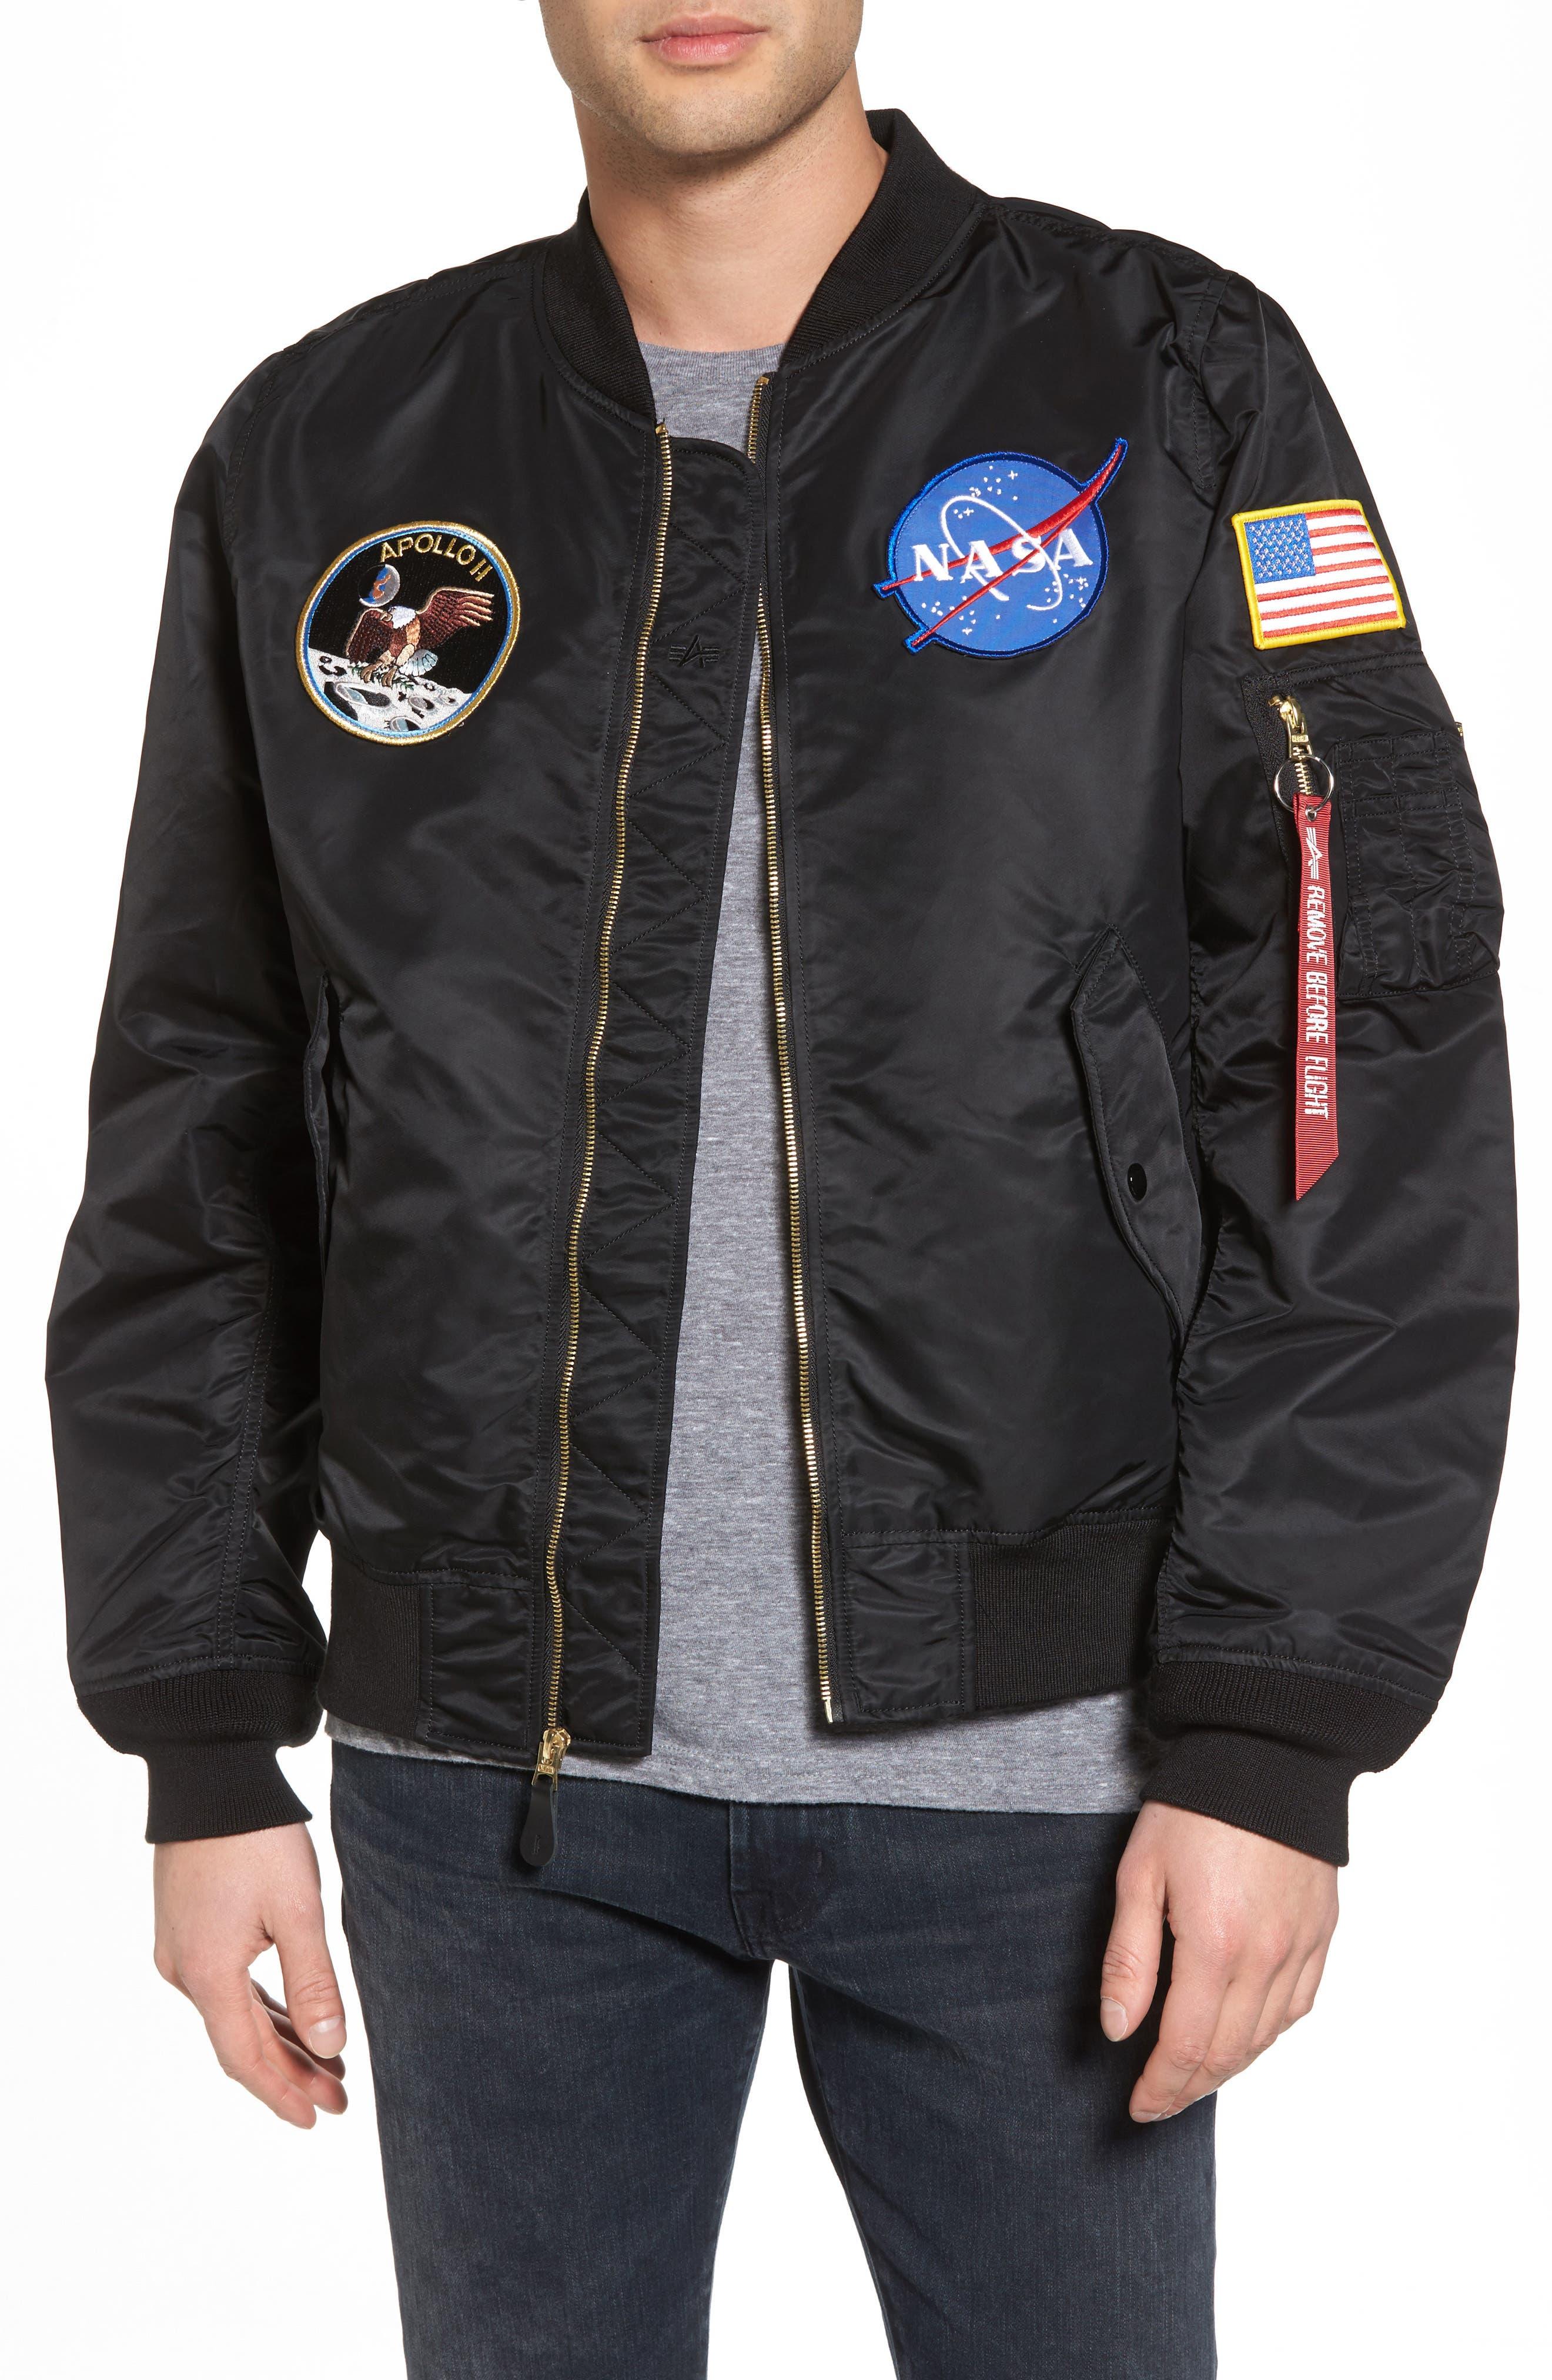 Black and orange reversible bomber jacket